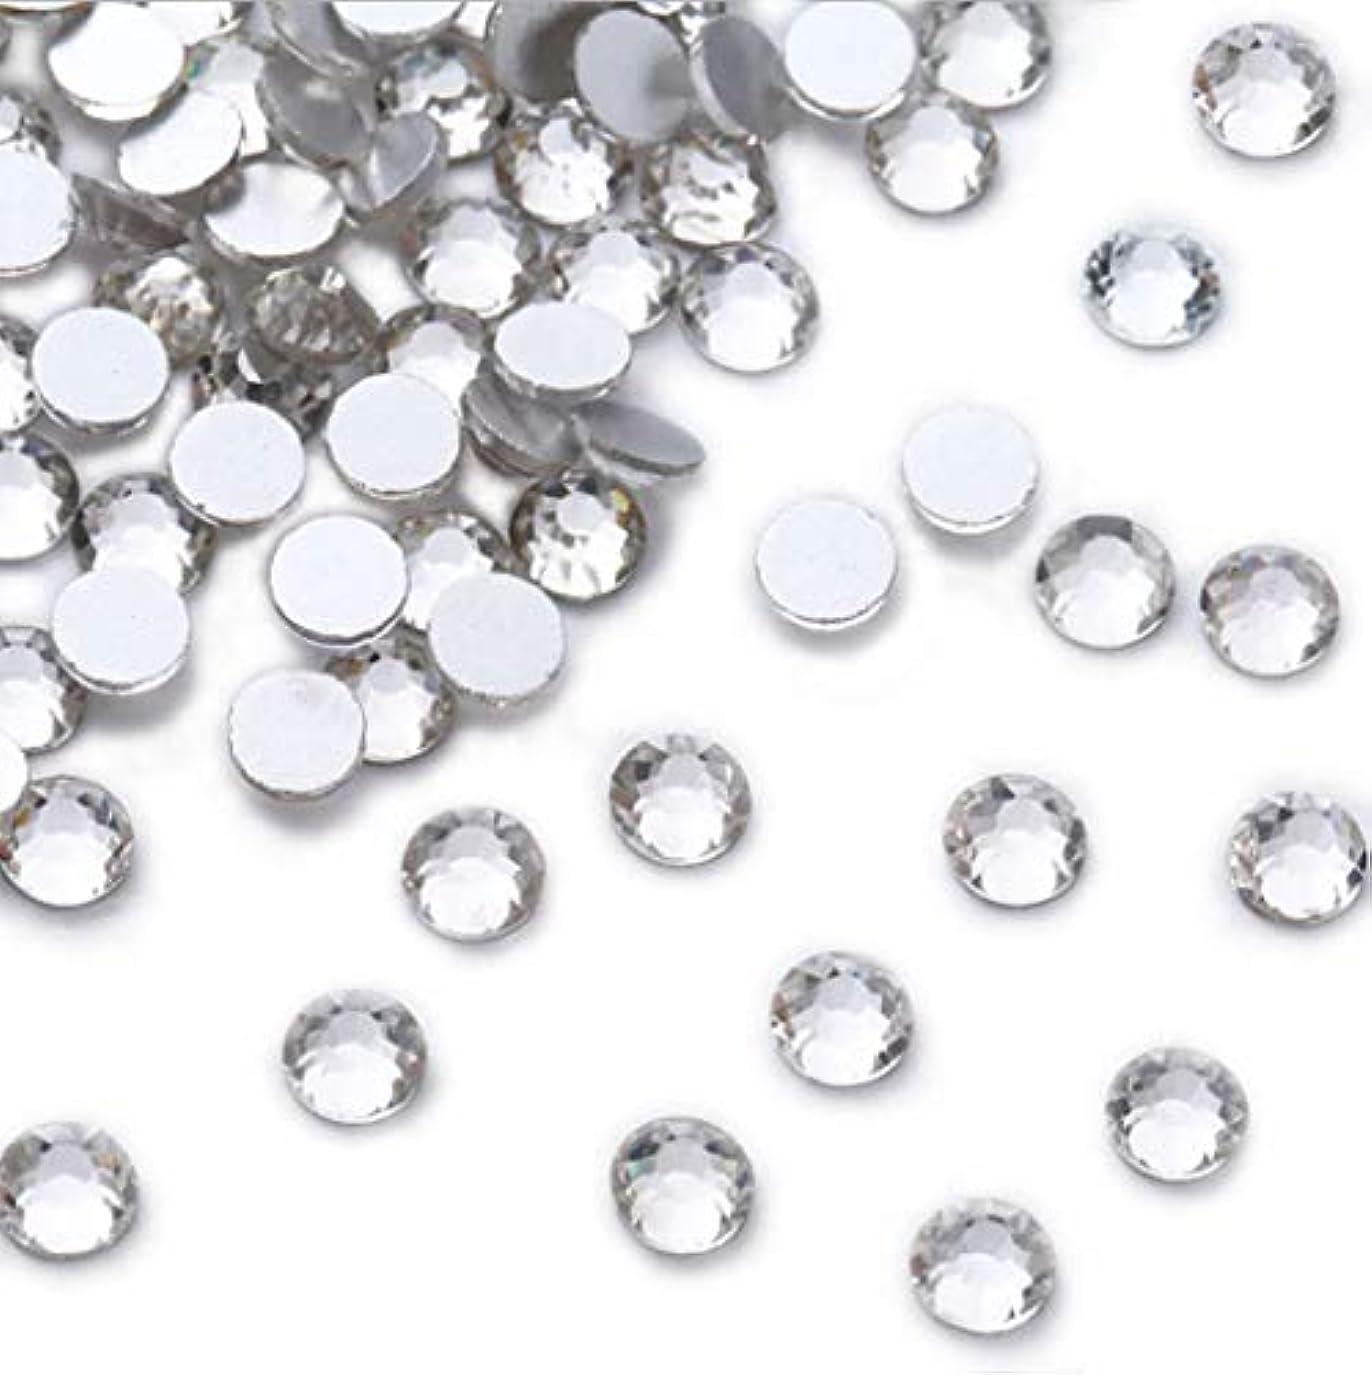 器具やがて非効率的なXIULI 大容量 ラインストーン DIY ネイルを飾てと服装使用 高い採光 ホワイト ss3-30 (3.2mm ss12(4320粒), サイズ)